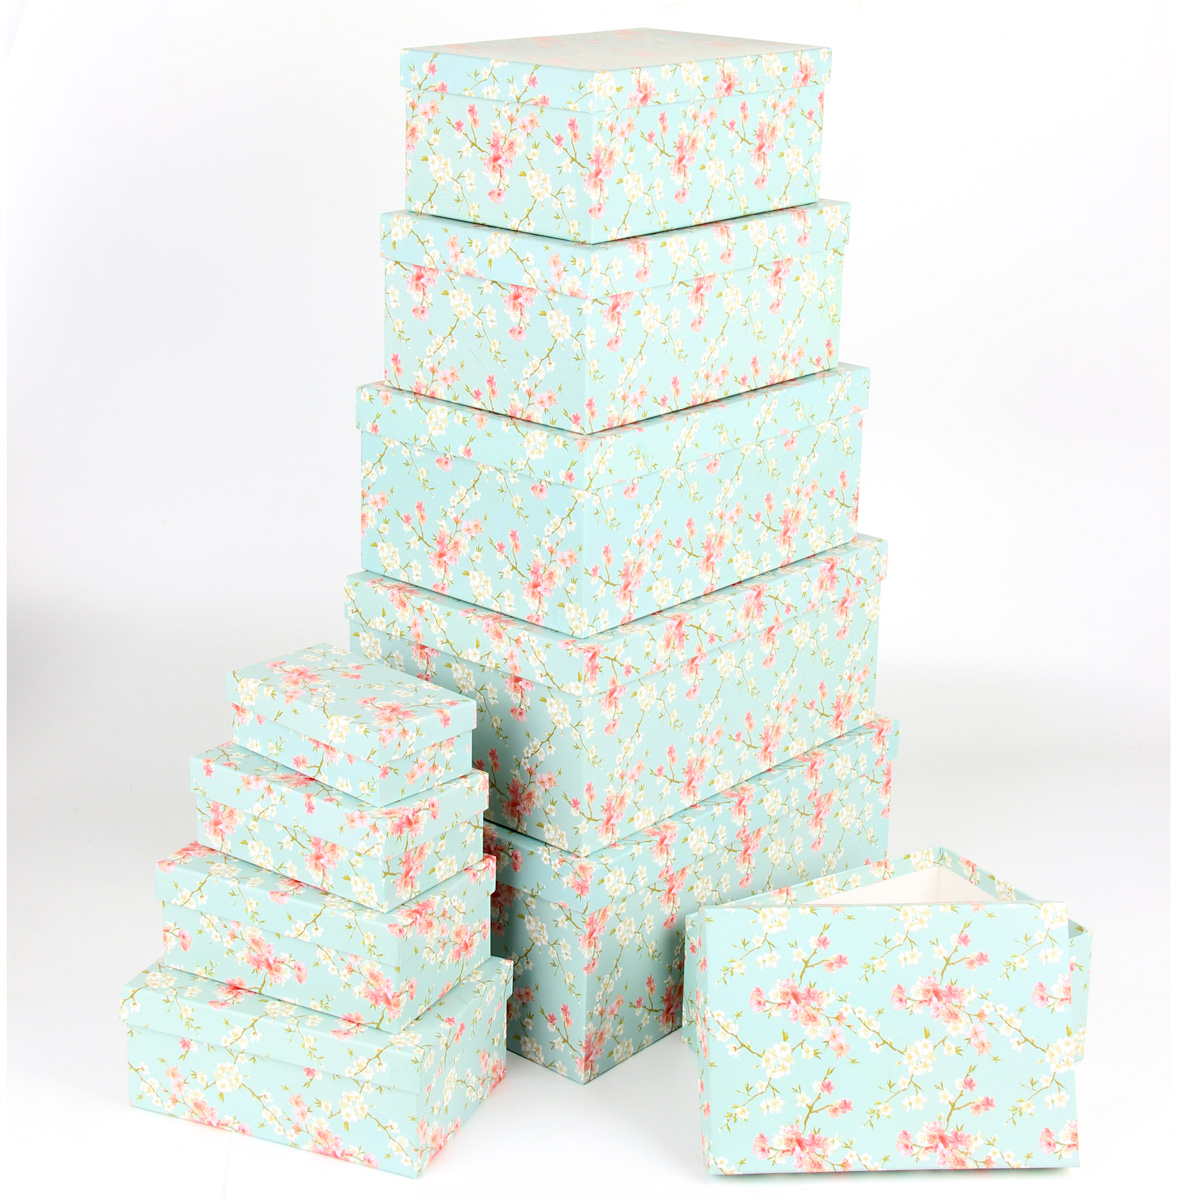 Набор подарочных коробок Veld-Co Цветение дикой сливы, прямоугольные, 10 шт набор подарочных коробок veld co цветение дикой сливы круглые 5 шт 67674